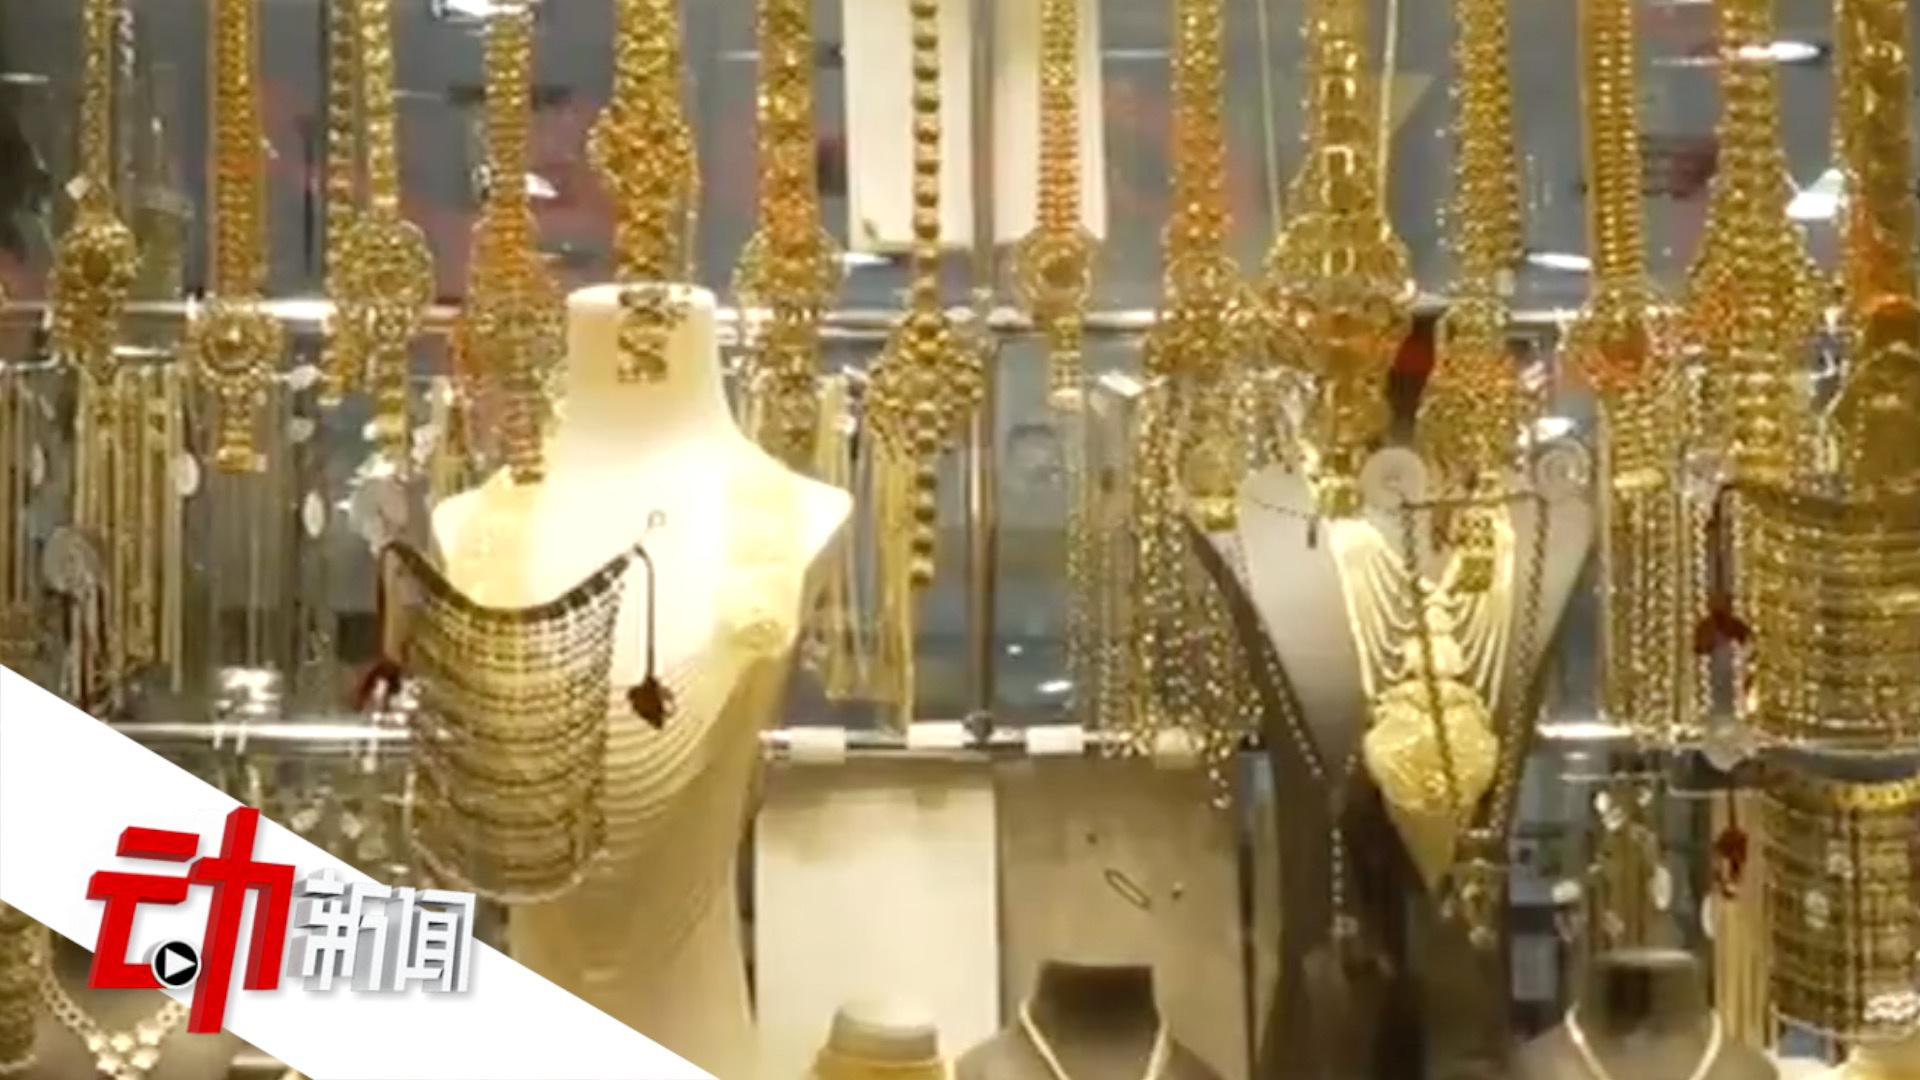 每克400元美伊紧张引发黄金市场波动 金价创7年新高